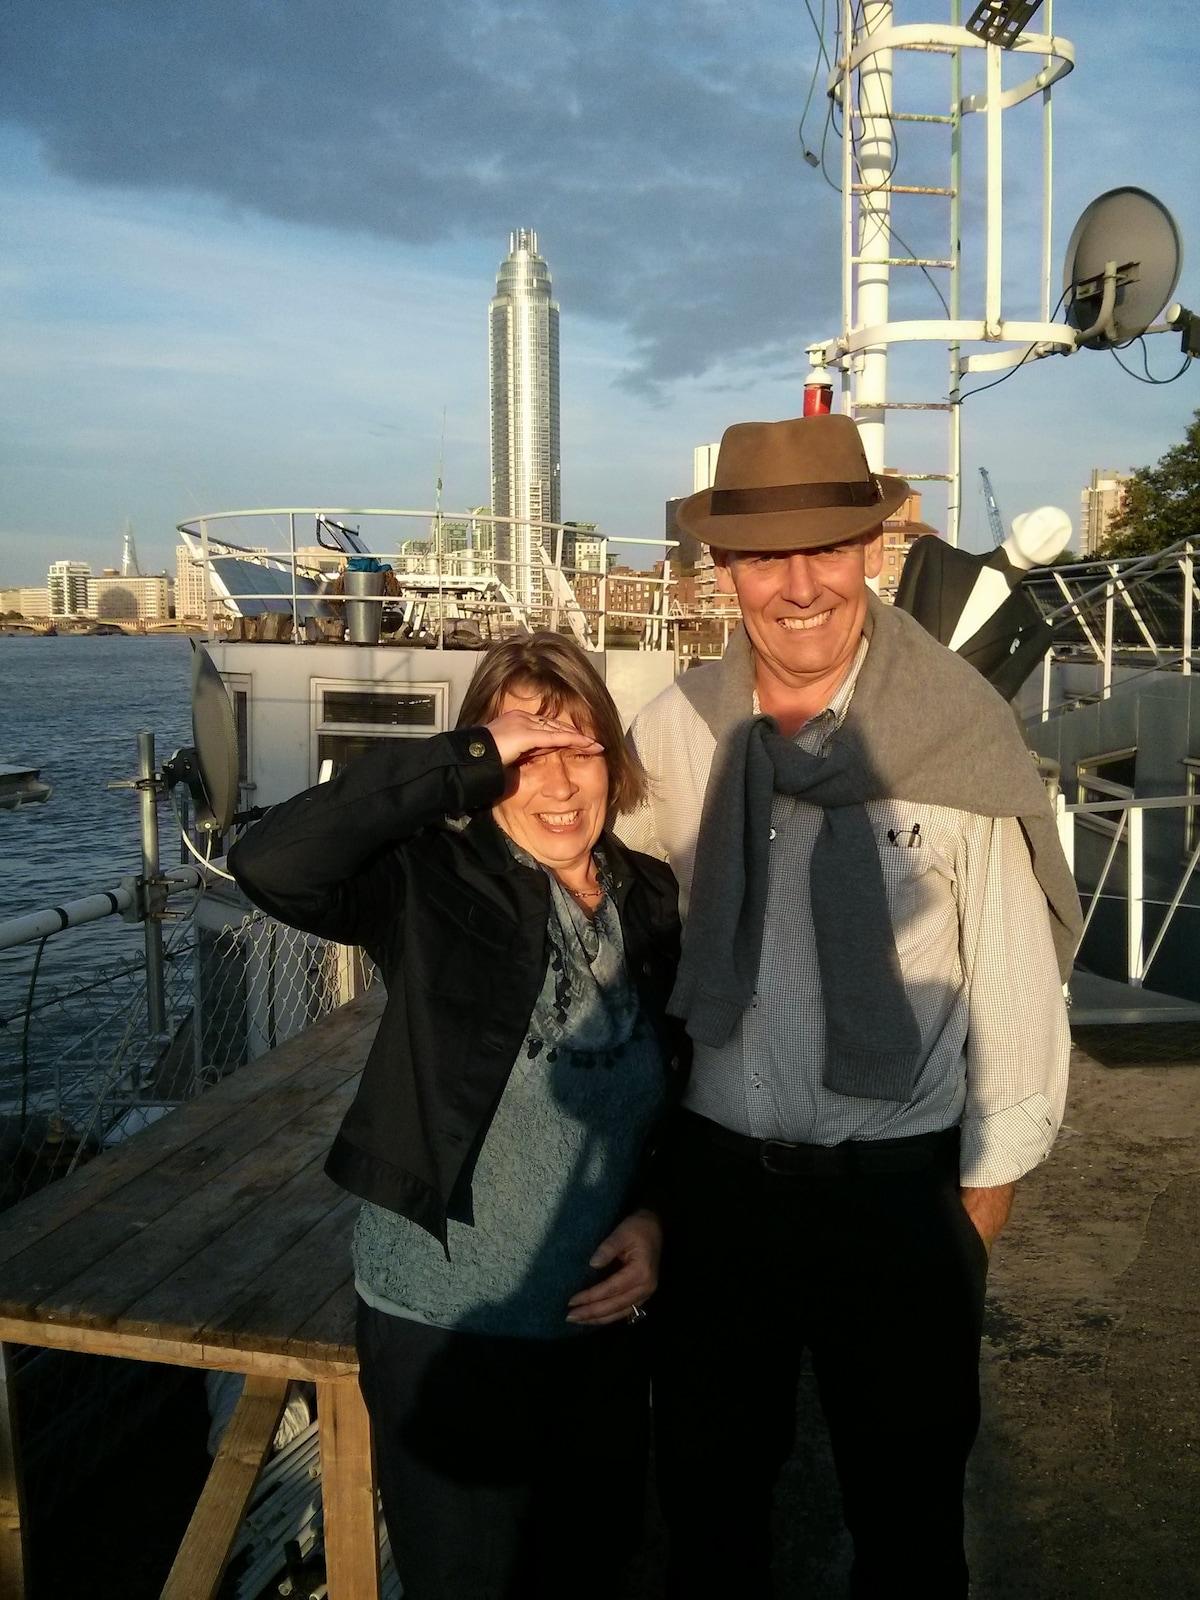 Rob And Sara from Ripon